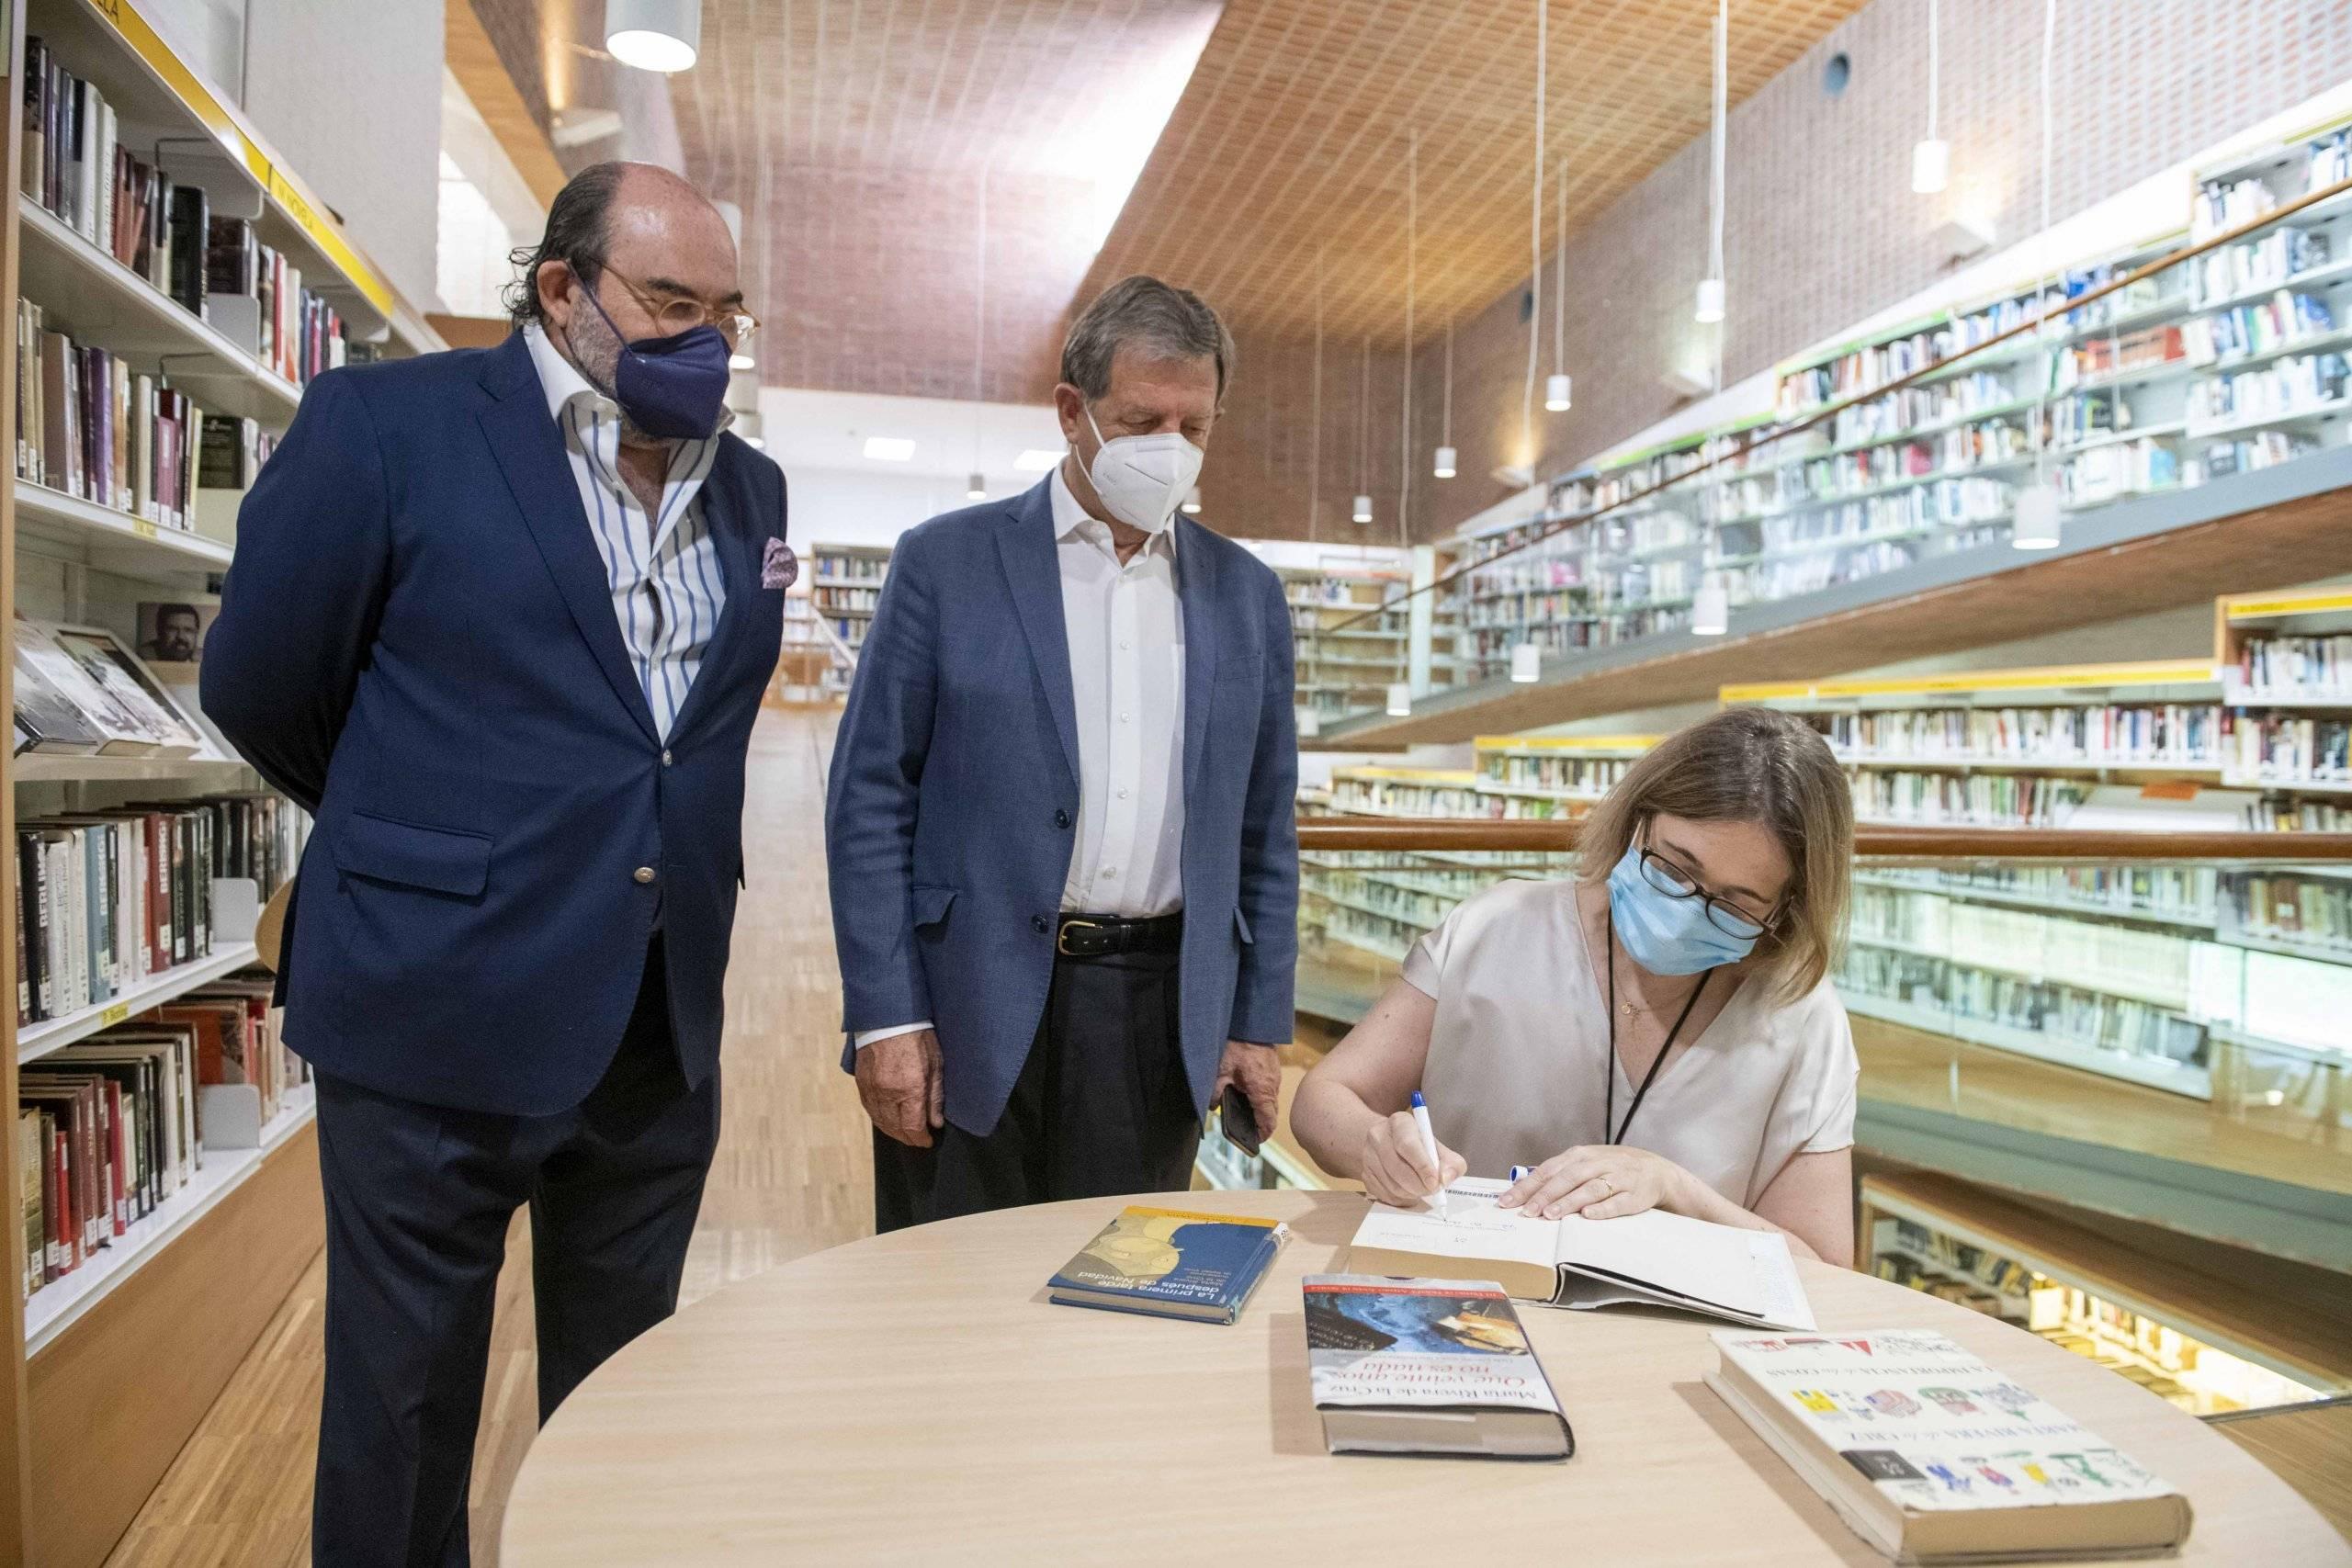 La consejera de Cultura, Turismo y Deporte firmando uno de sus libros, ubicado en la Biblioteca, ante el alcalde y el concejal de Cultura.